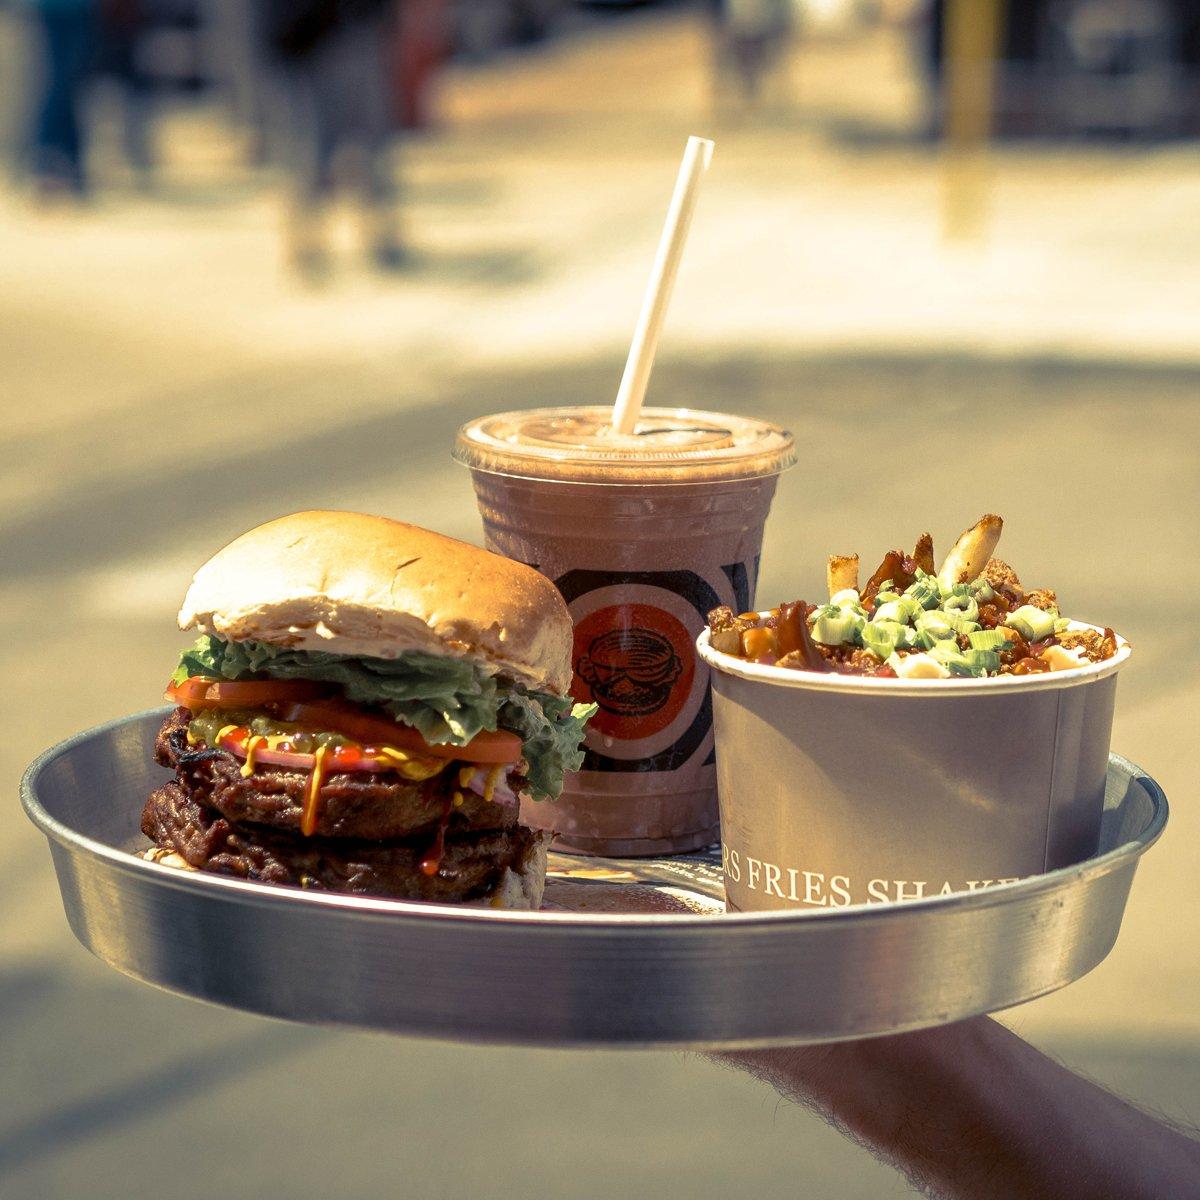 If you ain't cheatin' you ain't tryin'. #cheatday #southstburger #burgerlove https://t.co/KjhkN7CO01